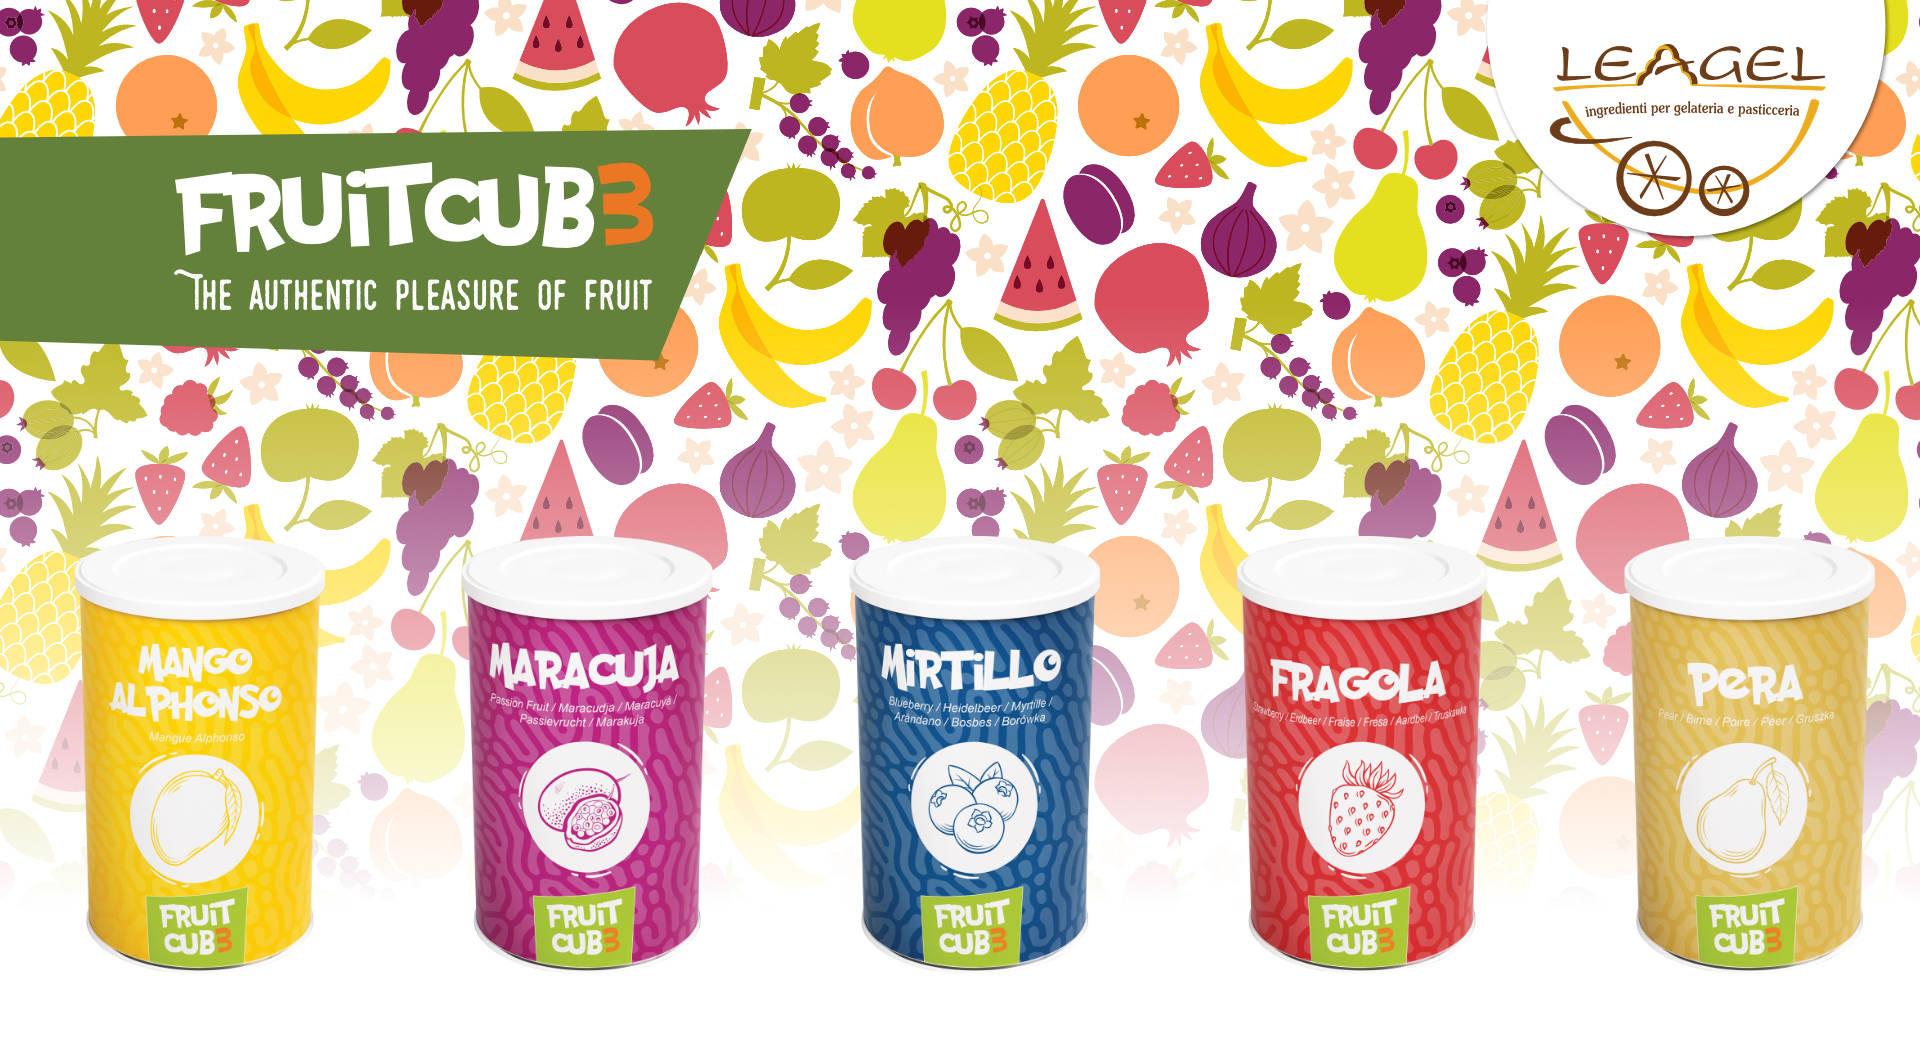 Fruitcub3 di Leagel, gelato alla frutta, smoothies e tanto altro.